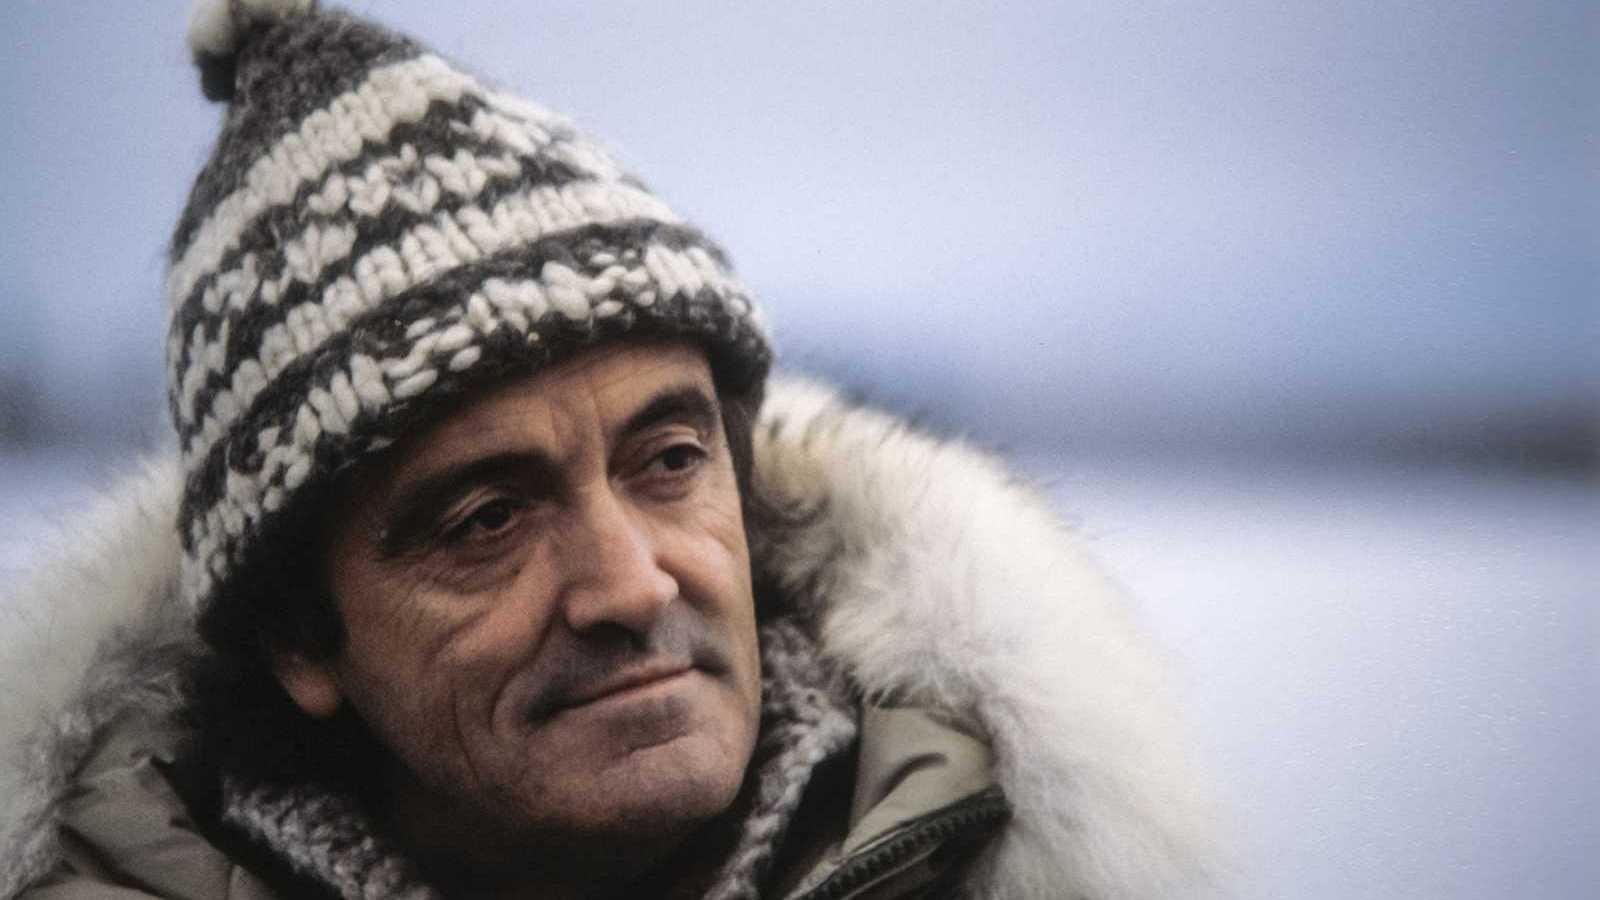 El 14 de marzo de 1980, hace cuarenta años, el naturalista Félix Rodríguez de la Fuente murió en accidente de avioneta junto a los miembros de su equipo de TVE Teodoro Roa y Alberto Mariano, además de Warren Dodson, el piloto estadounidense que los t